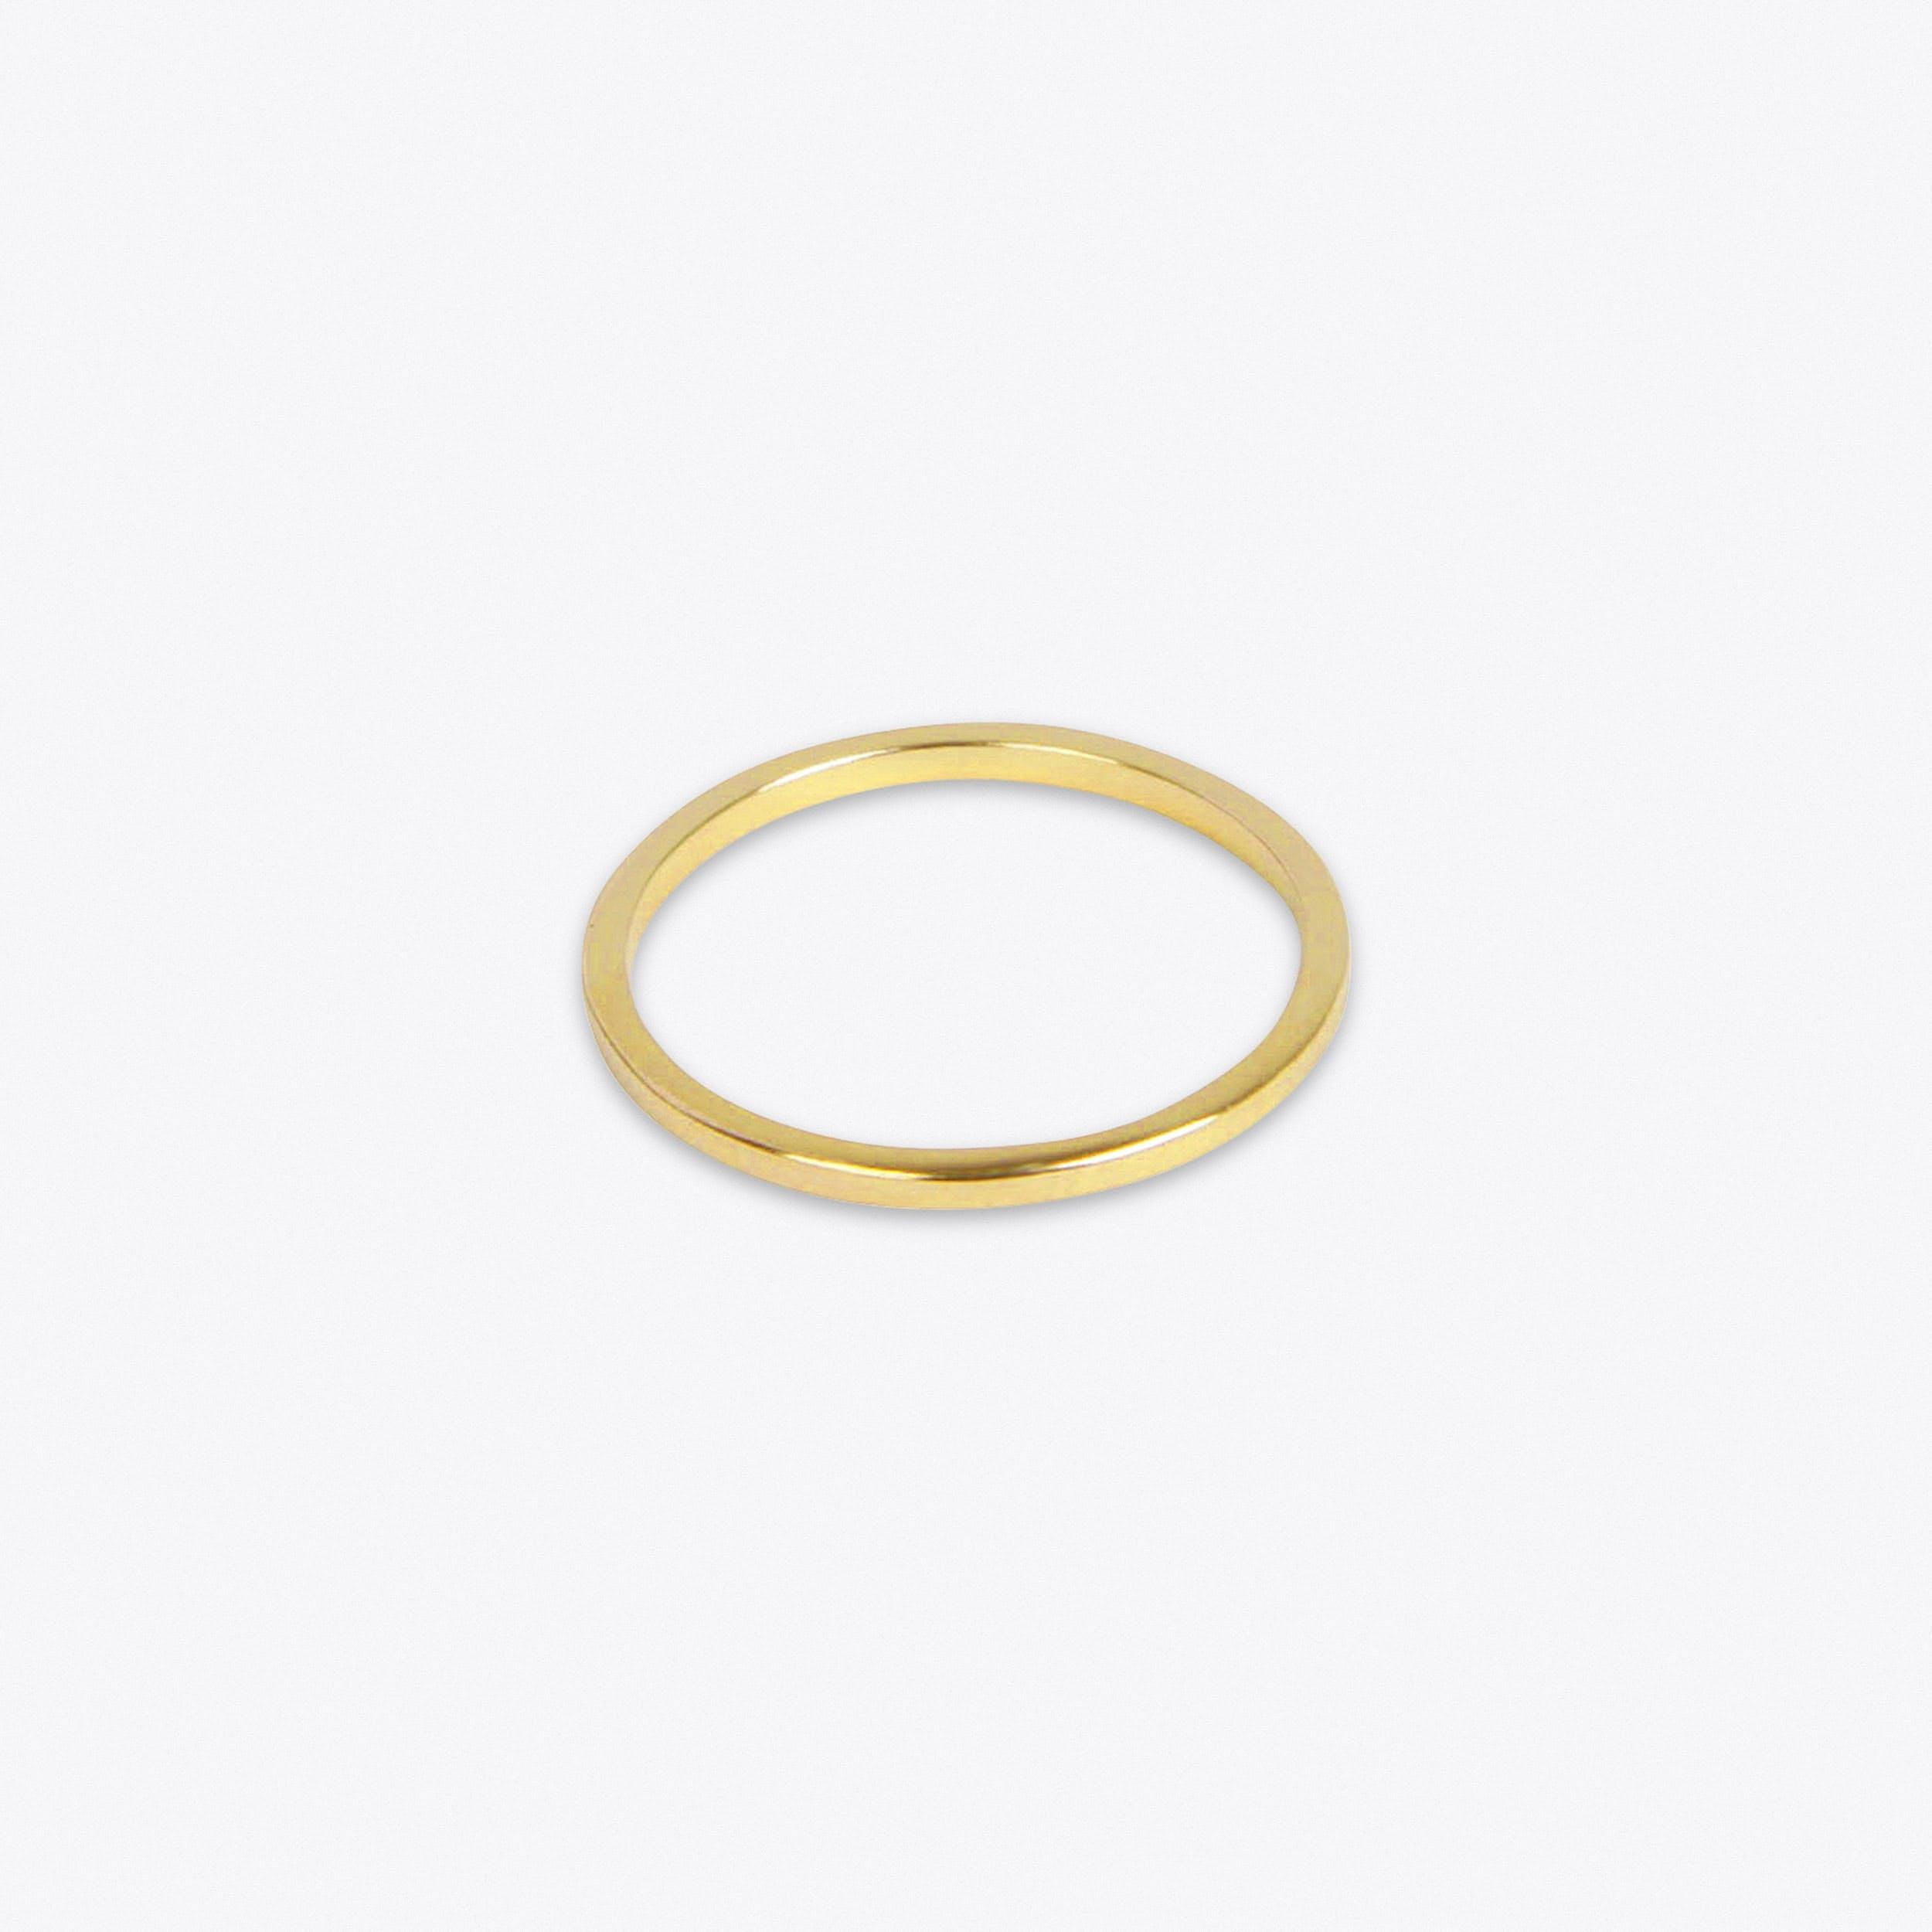 Lightweight Ring in Gold - Matthew Calvin